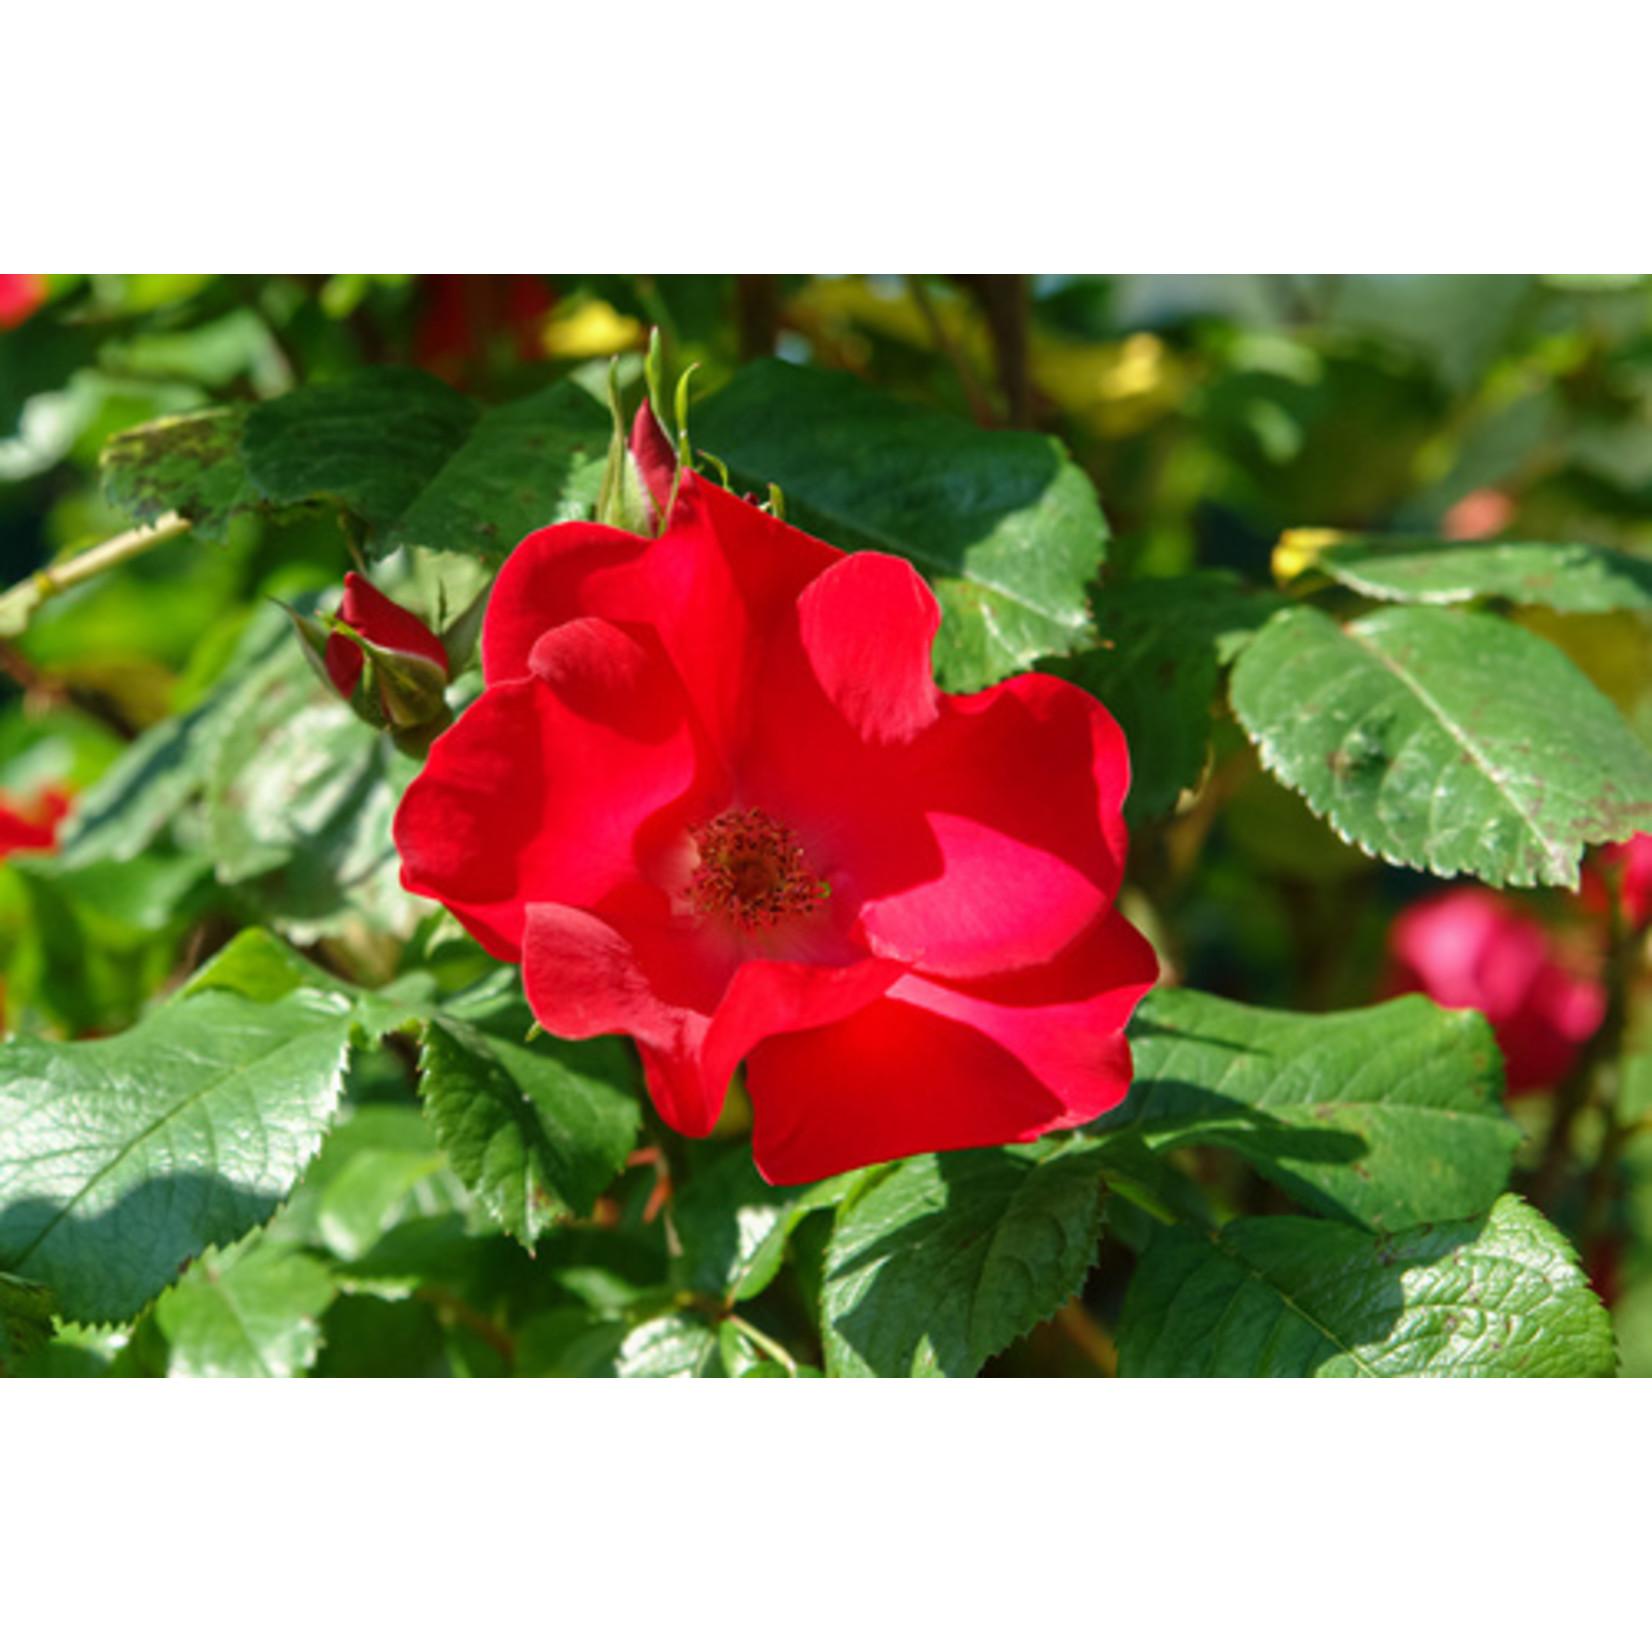 Rose - Robusta Red - 3 gal